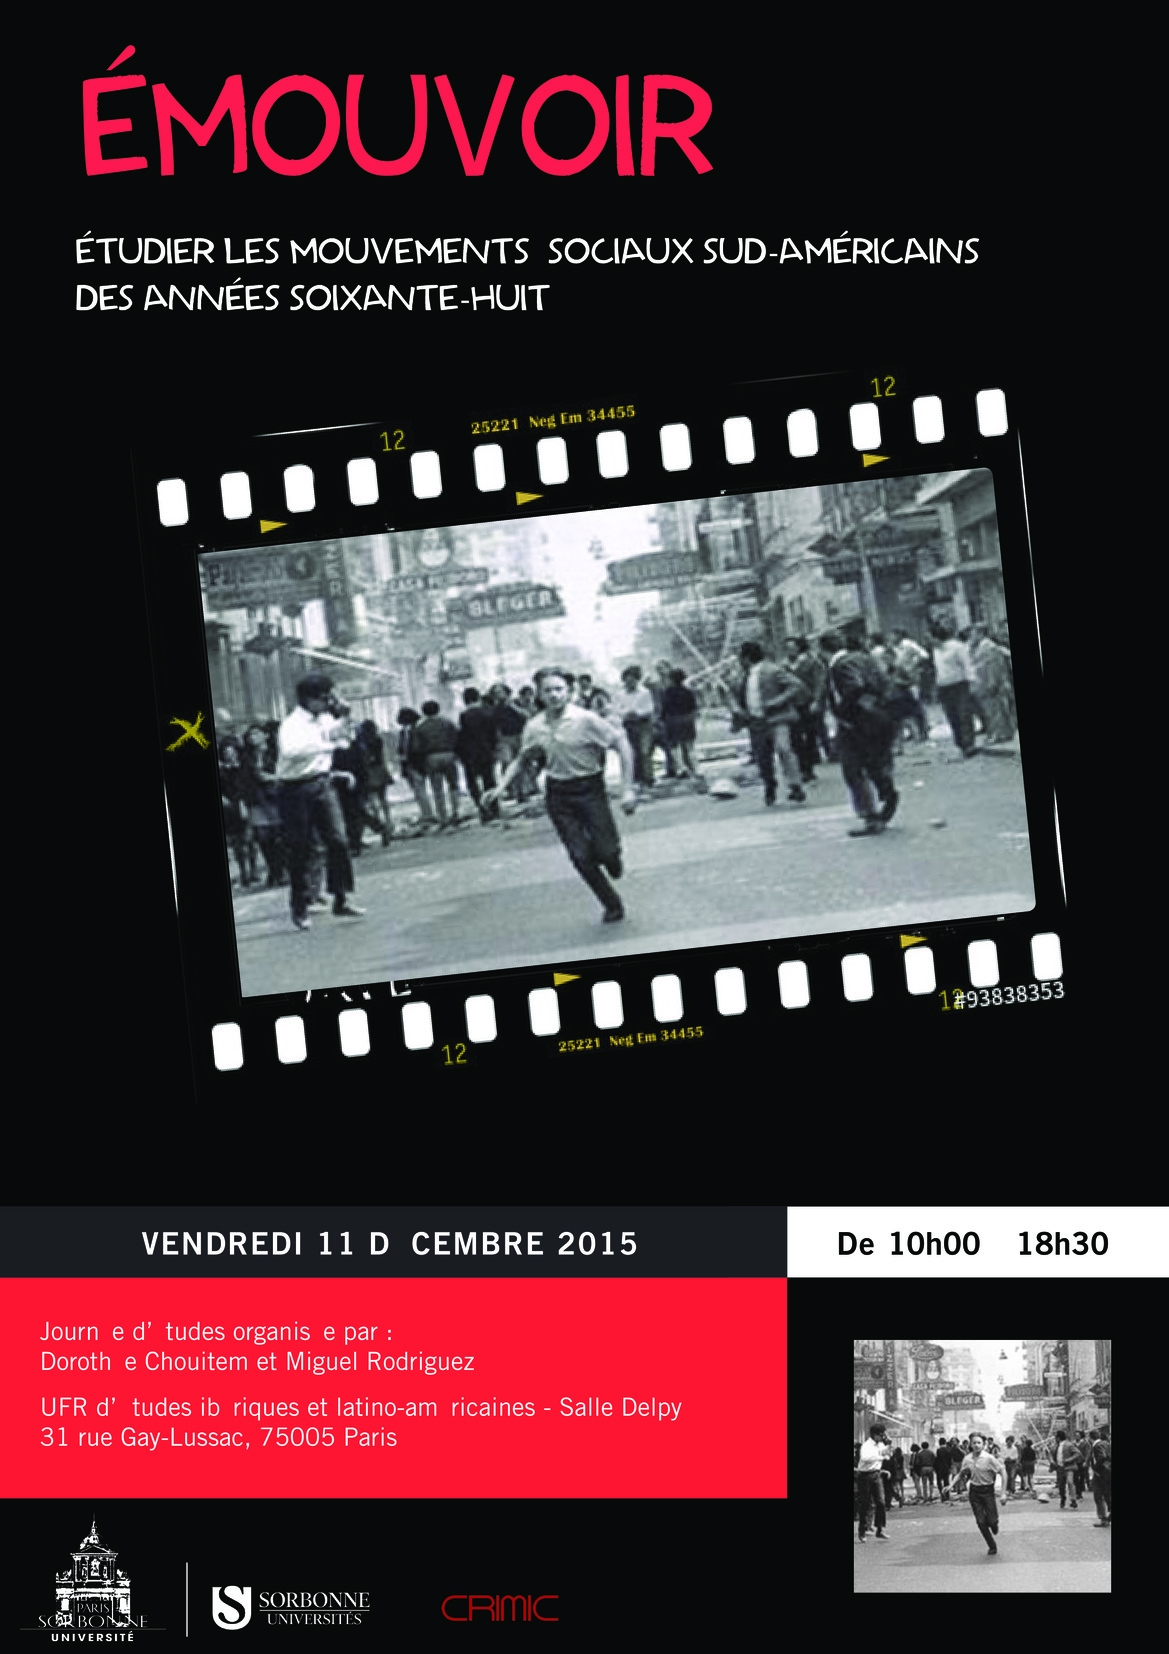 Émouvoir : étudier les mouvements sociaux sud-américains des années 68 au prisme des affects